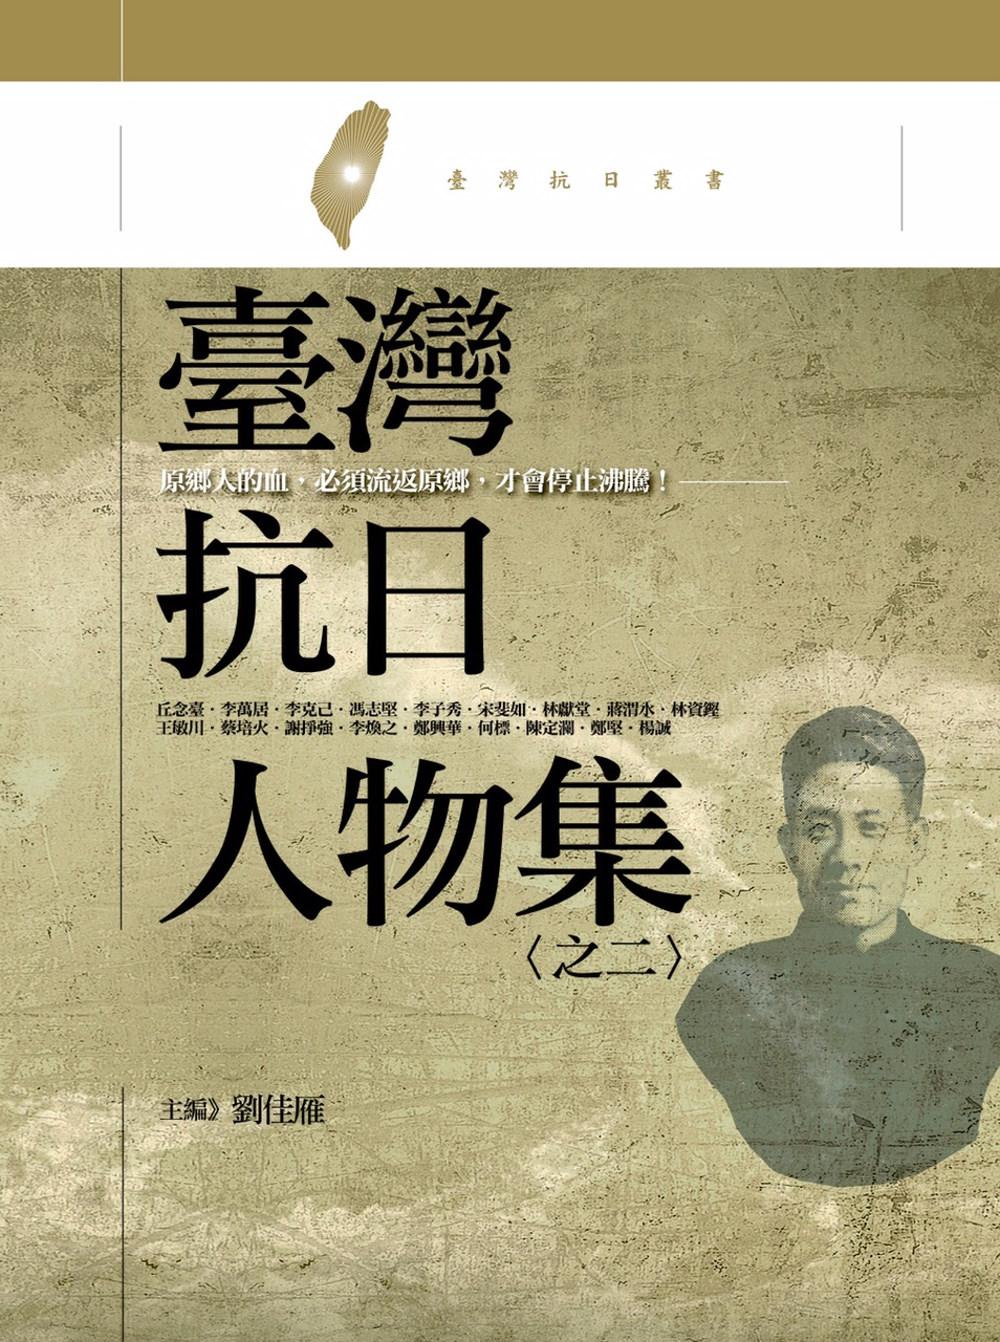 臺灣抗日人物集 之二:原鄉人的血,必須流返原鄉,才會停止沸騰